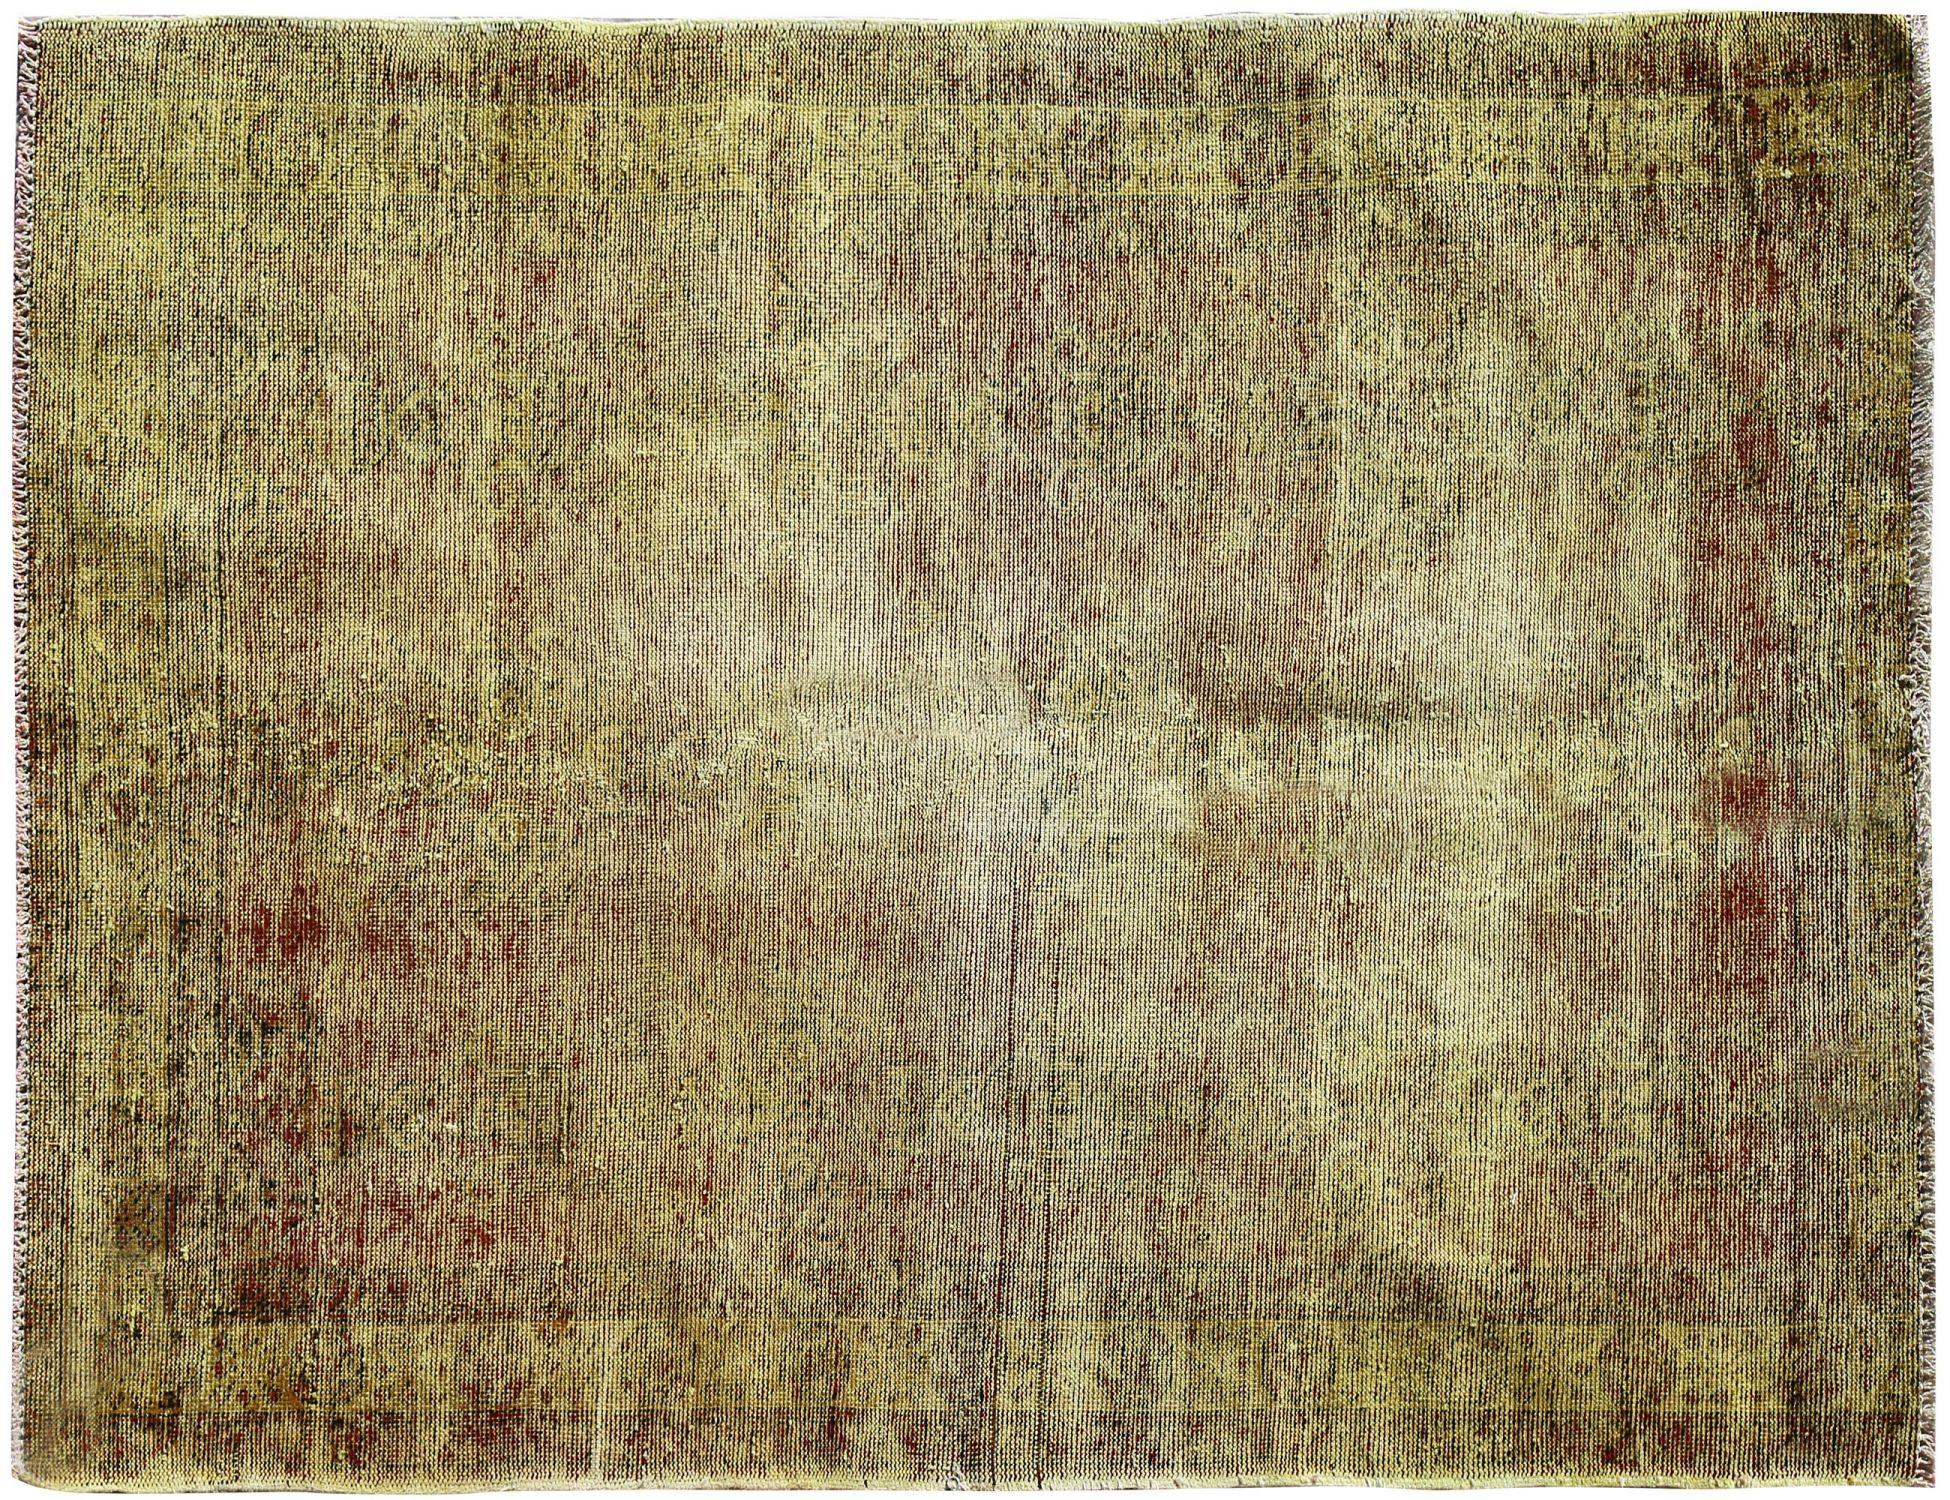 Tappeto Vintage  giallo <br/>183 x 117 cm